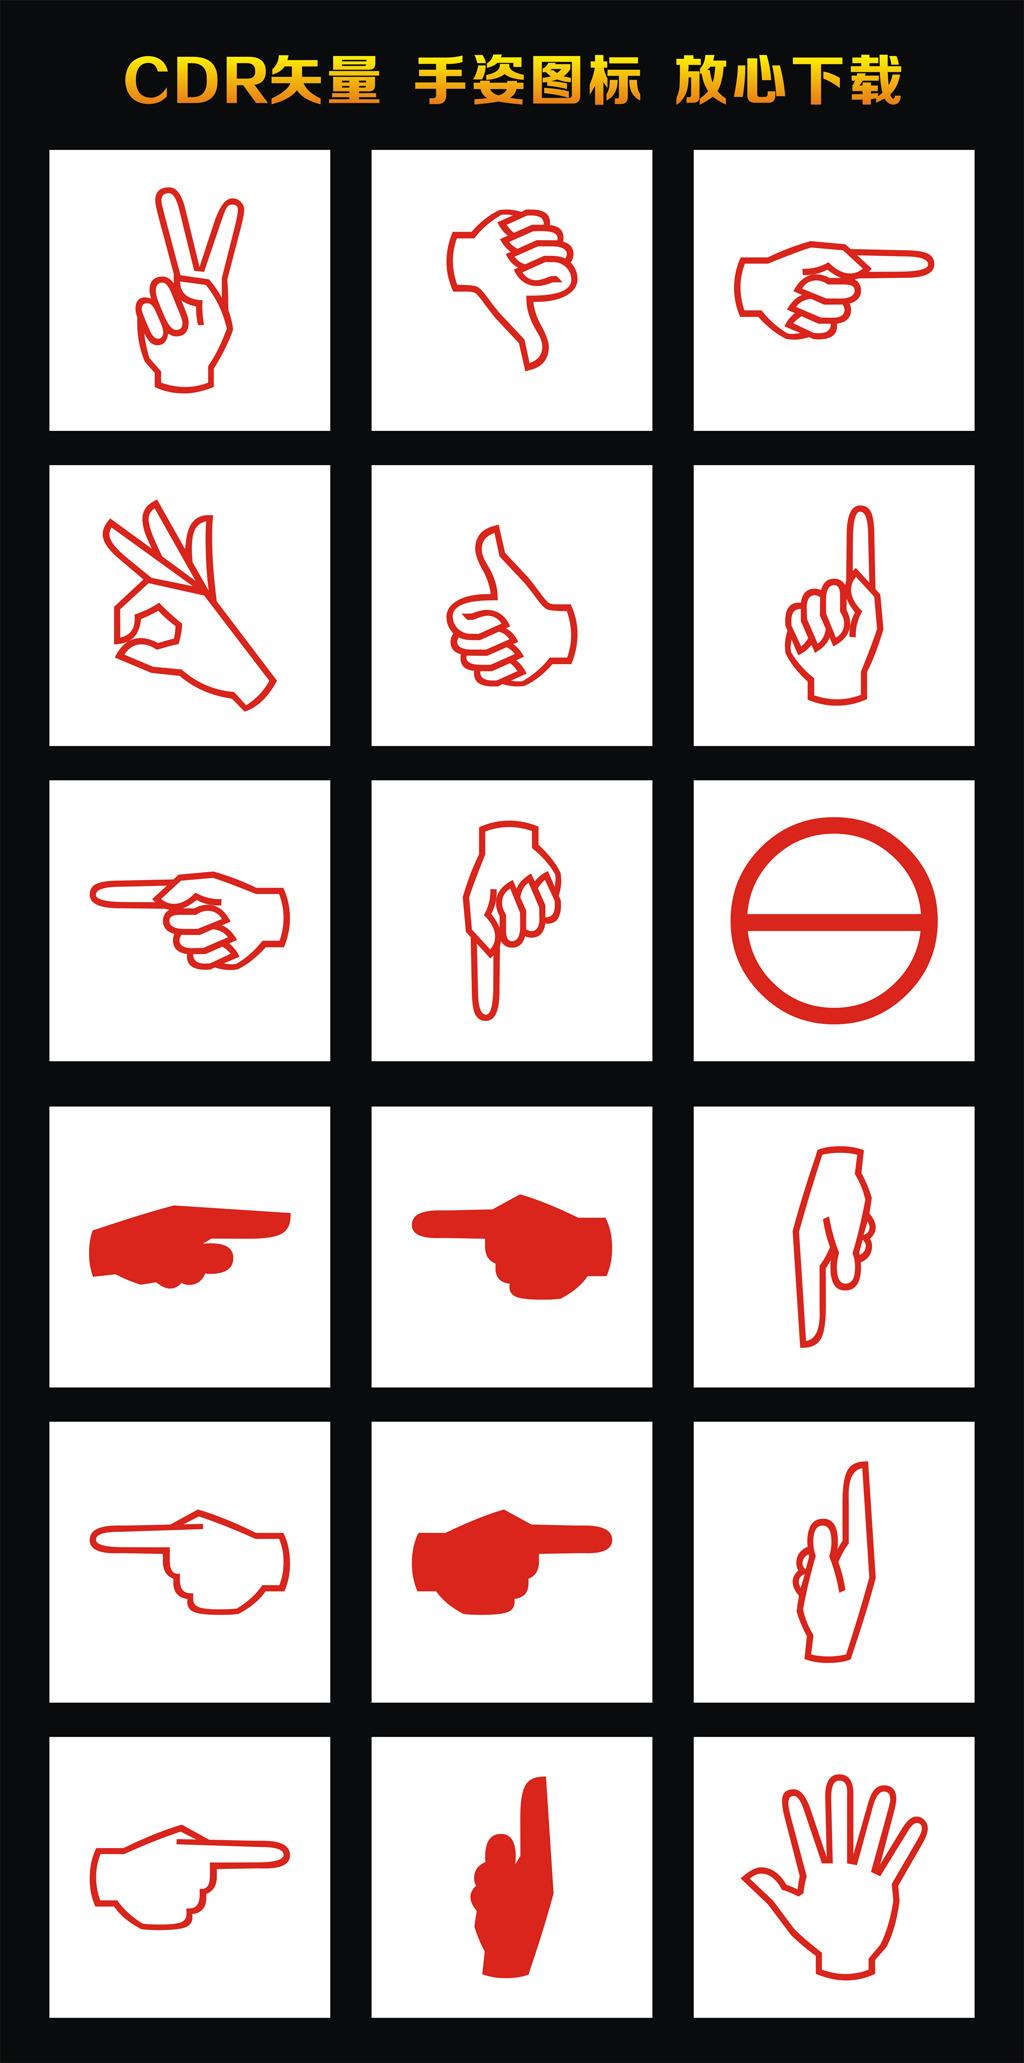 各种手式图标图片下载小标识